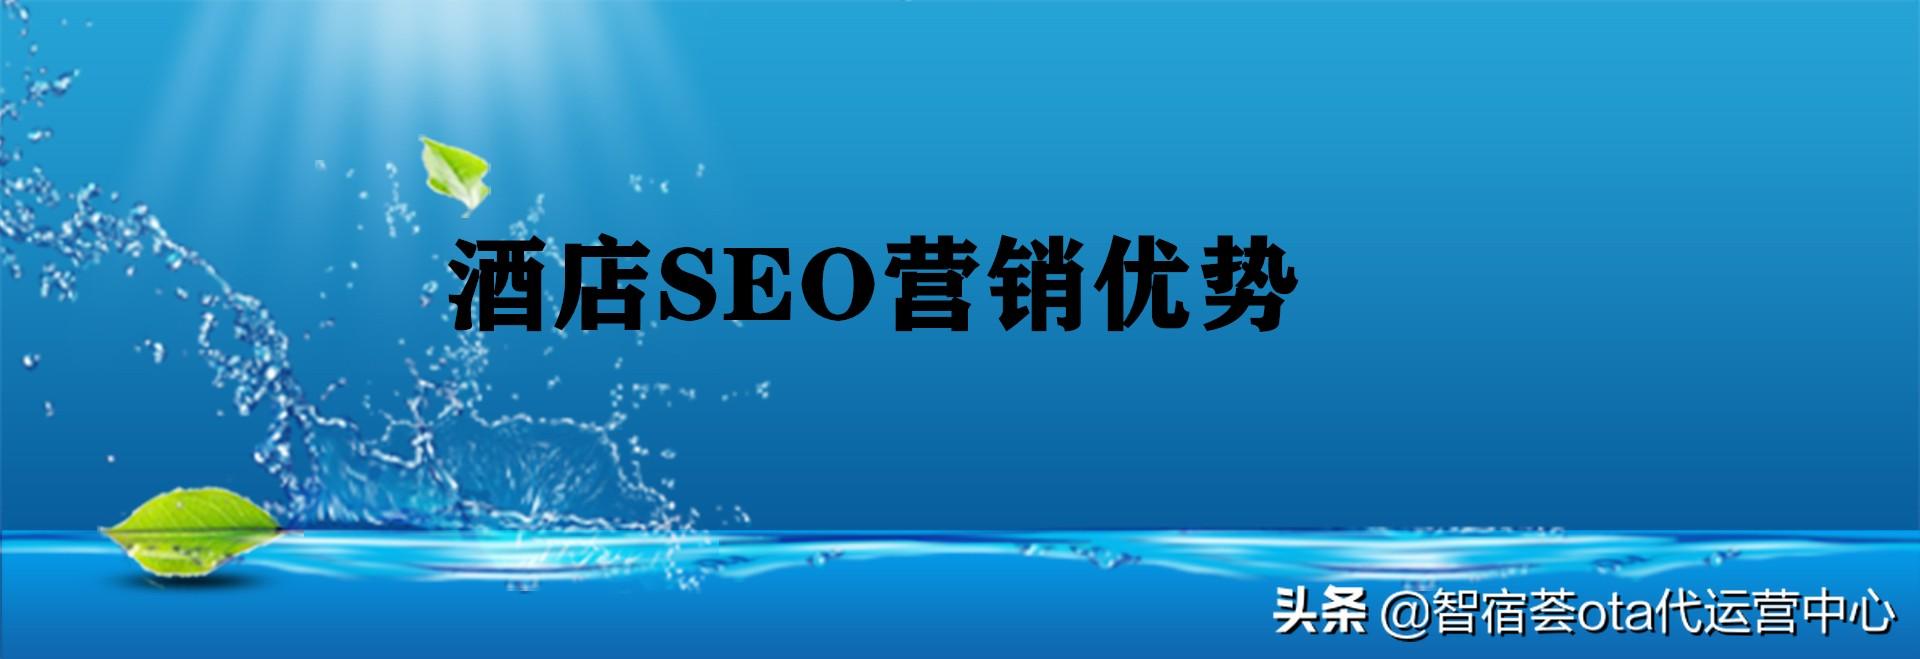 智宿荟:OTA代运营卓越服务商 酒店如何实施搜索引擎优化(SEO)